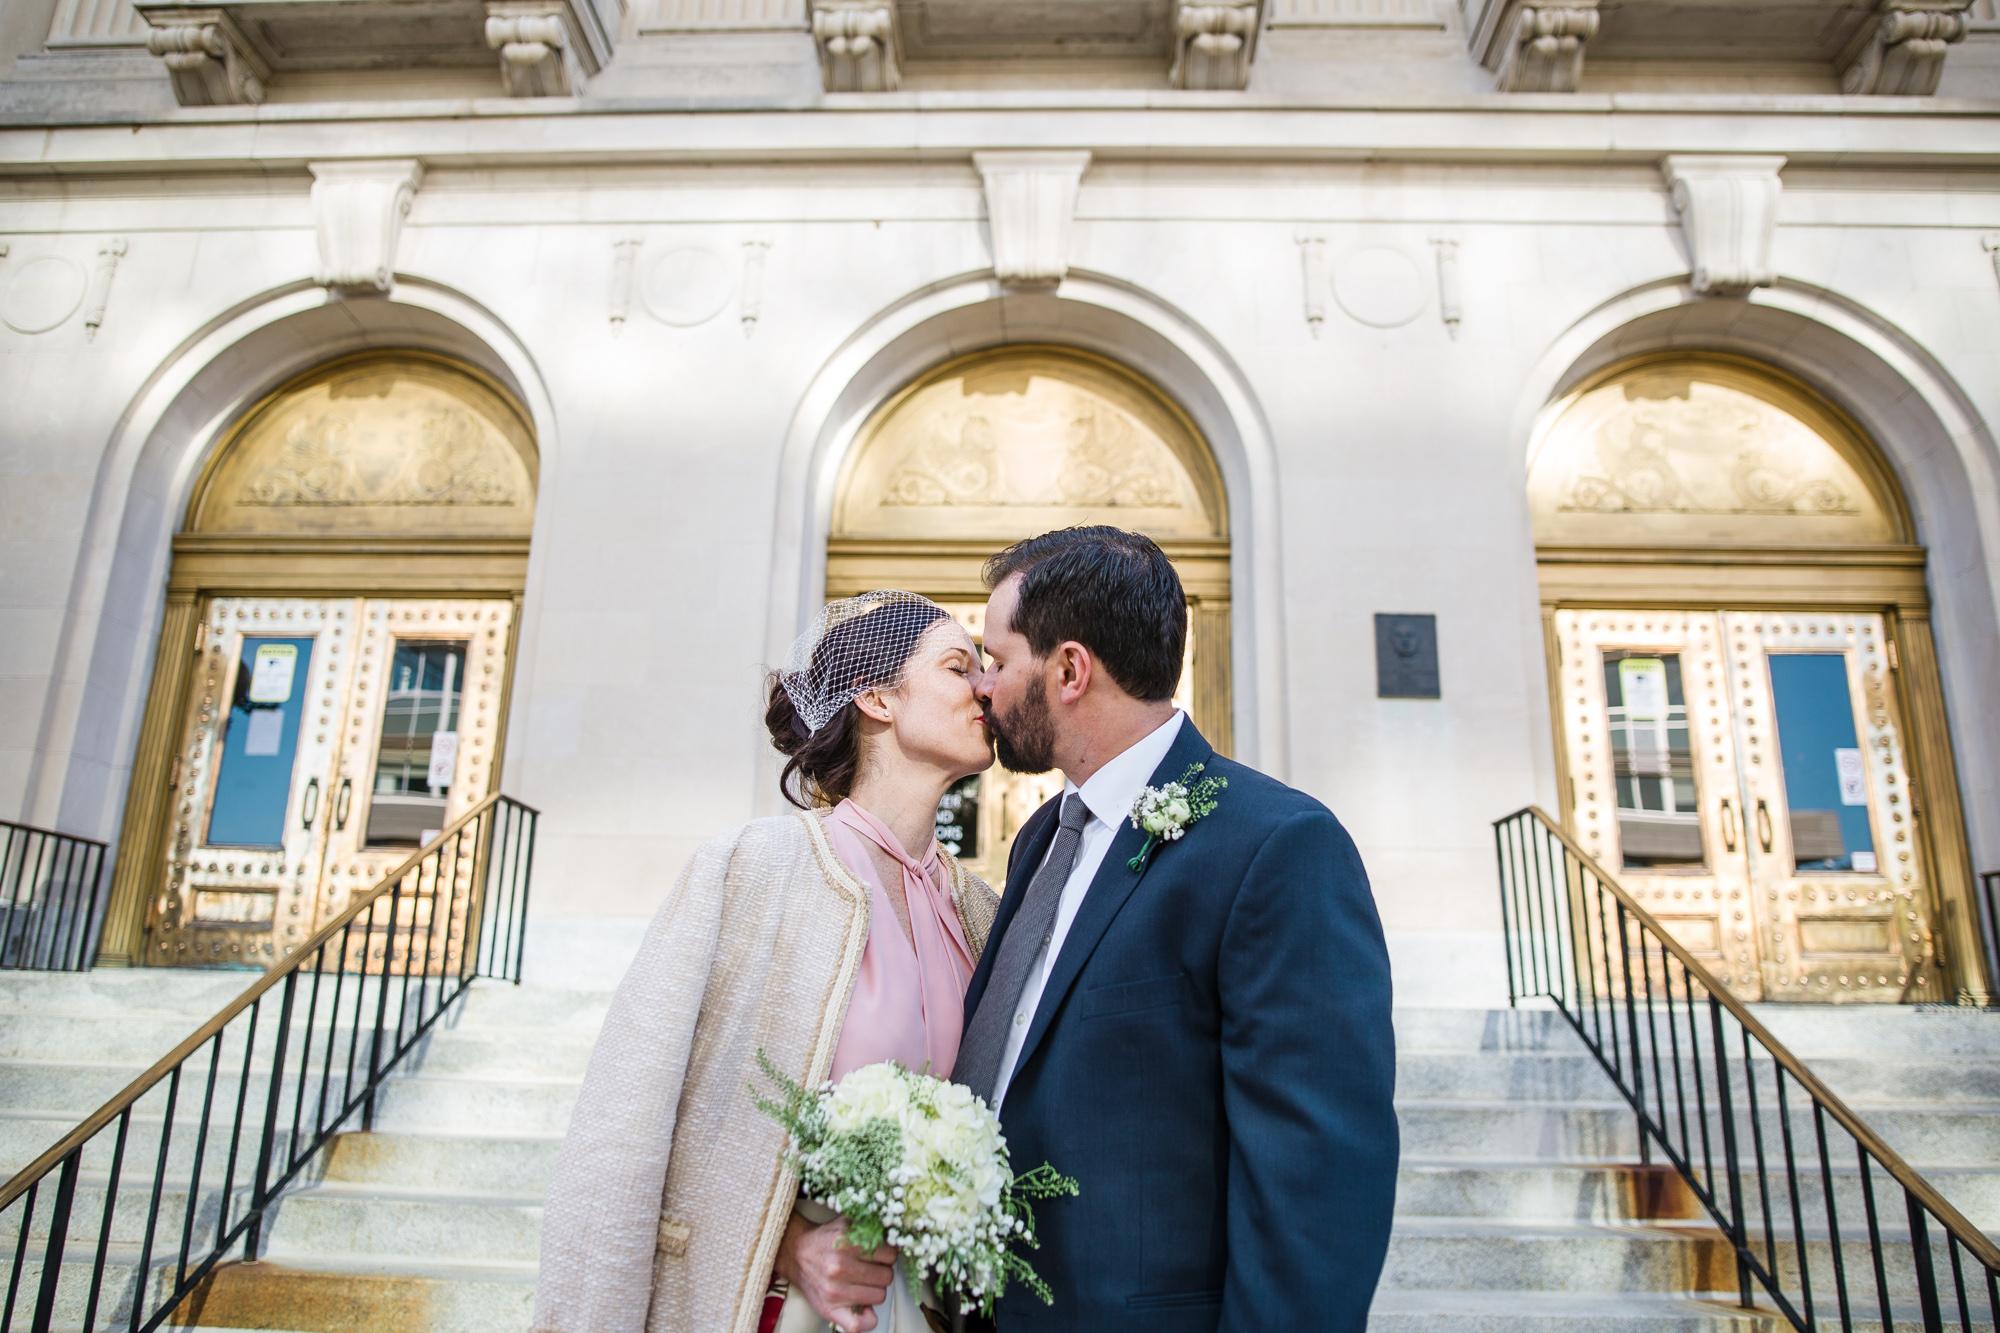 2018_10_17_mowita_drew_durham_courthouse_wedding-2808.jpg